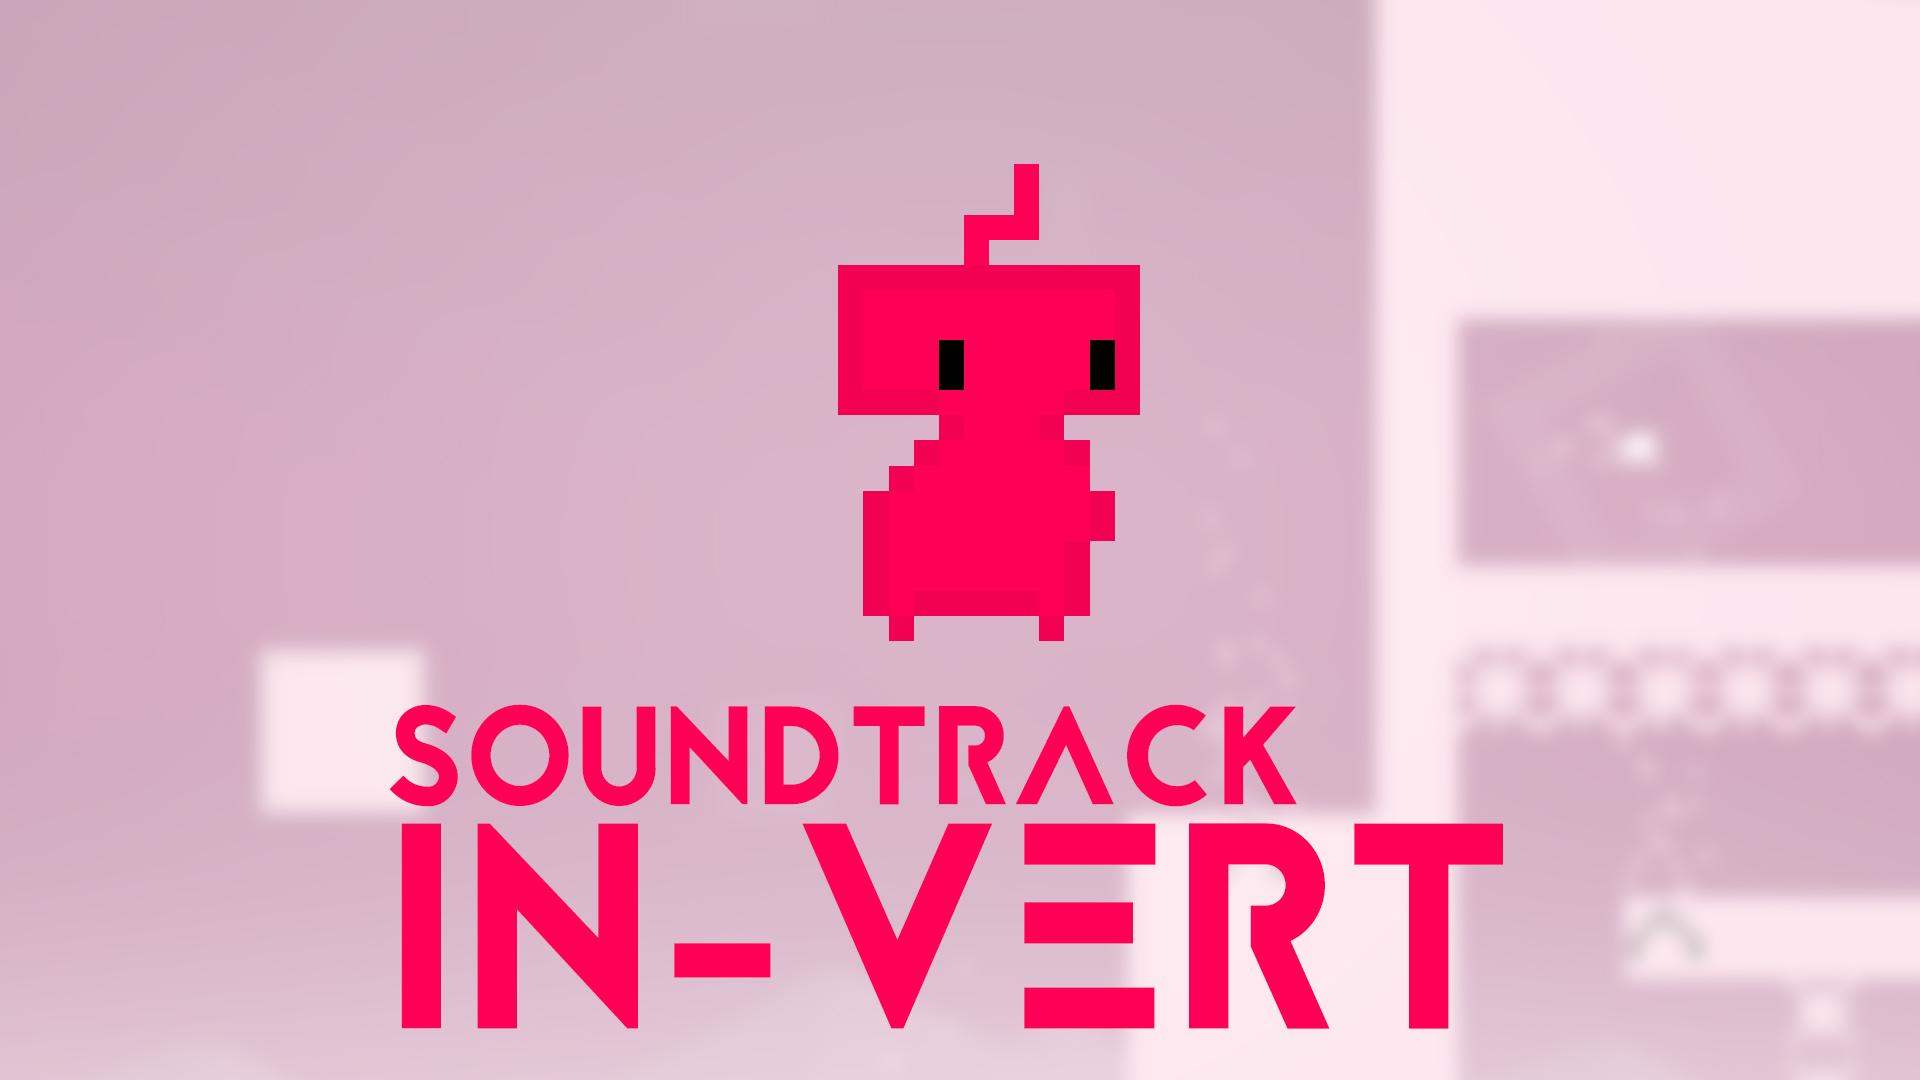 IN-VERT: Soundtrack screenshot